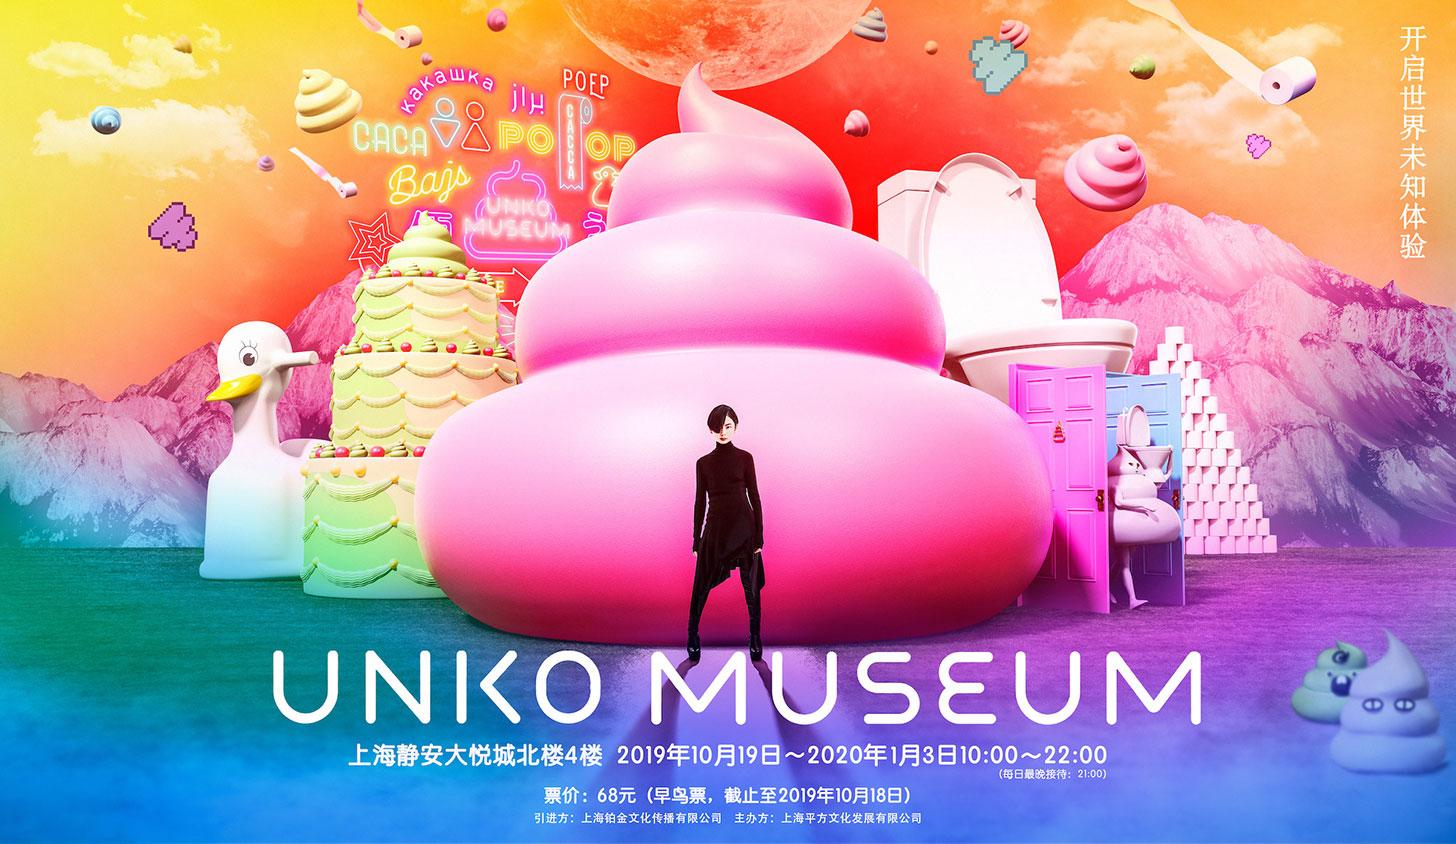 うんこミュージアム、まさかの世界進出!上海に最大規模の施設